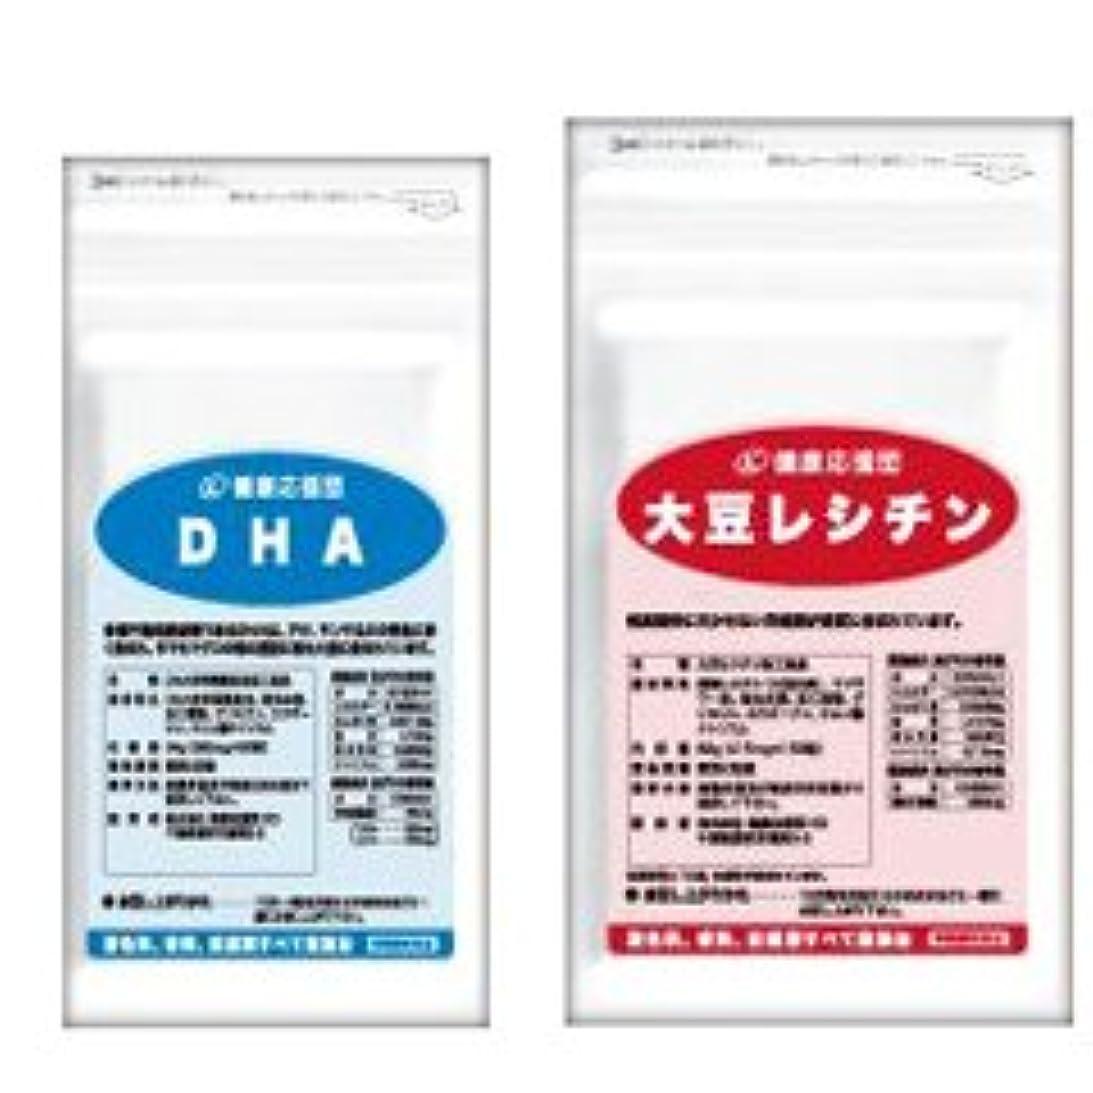 再集計調和のとれた形容詞サラサラ巡りセット 大豆レシチン + DHA